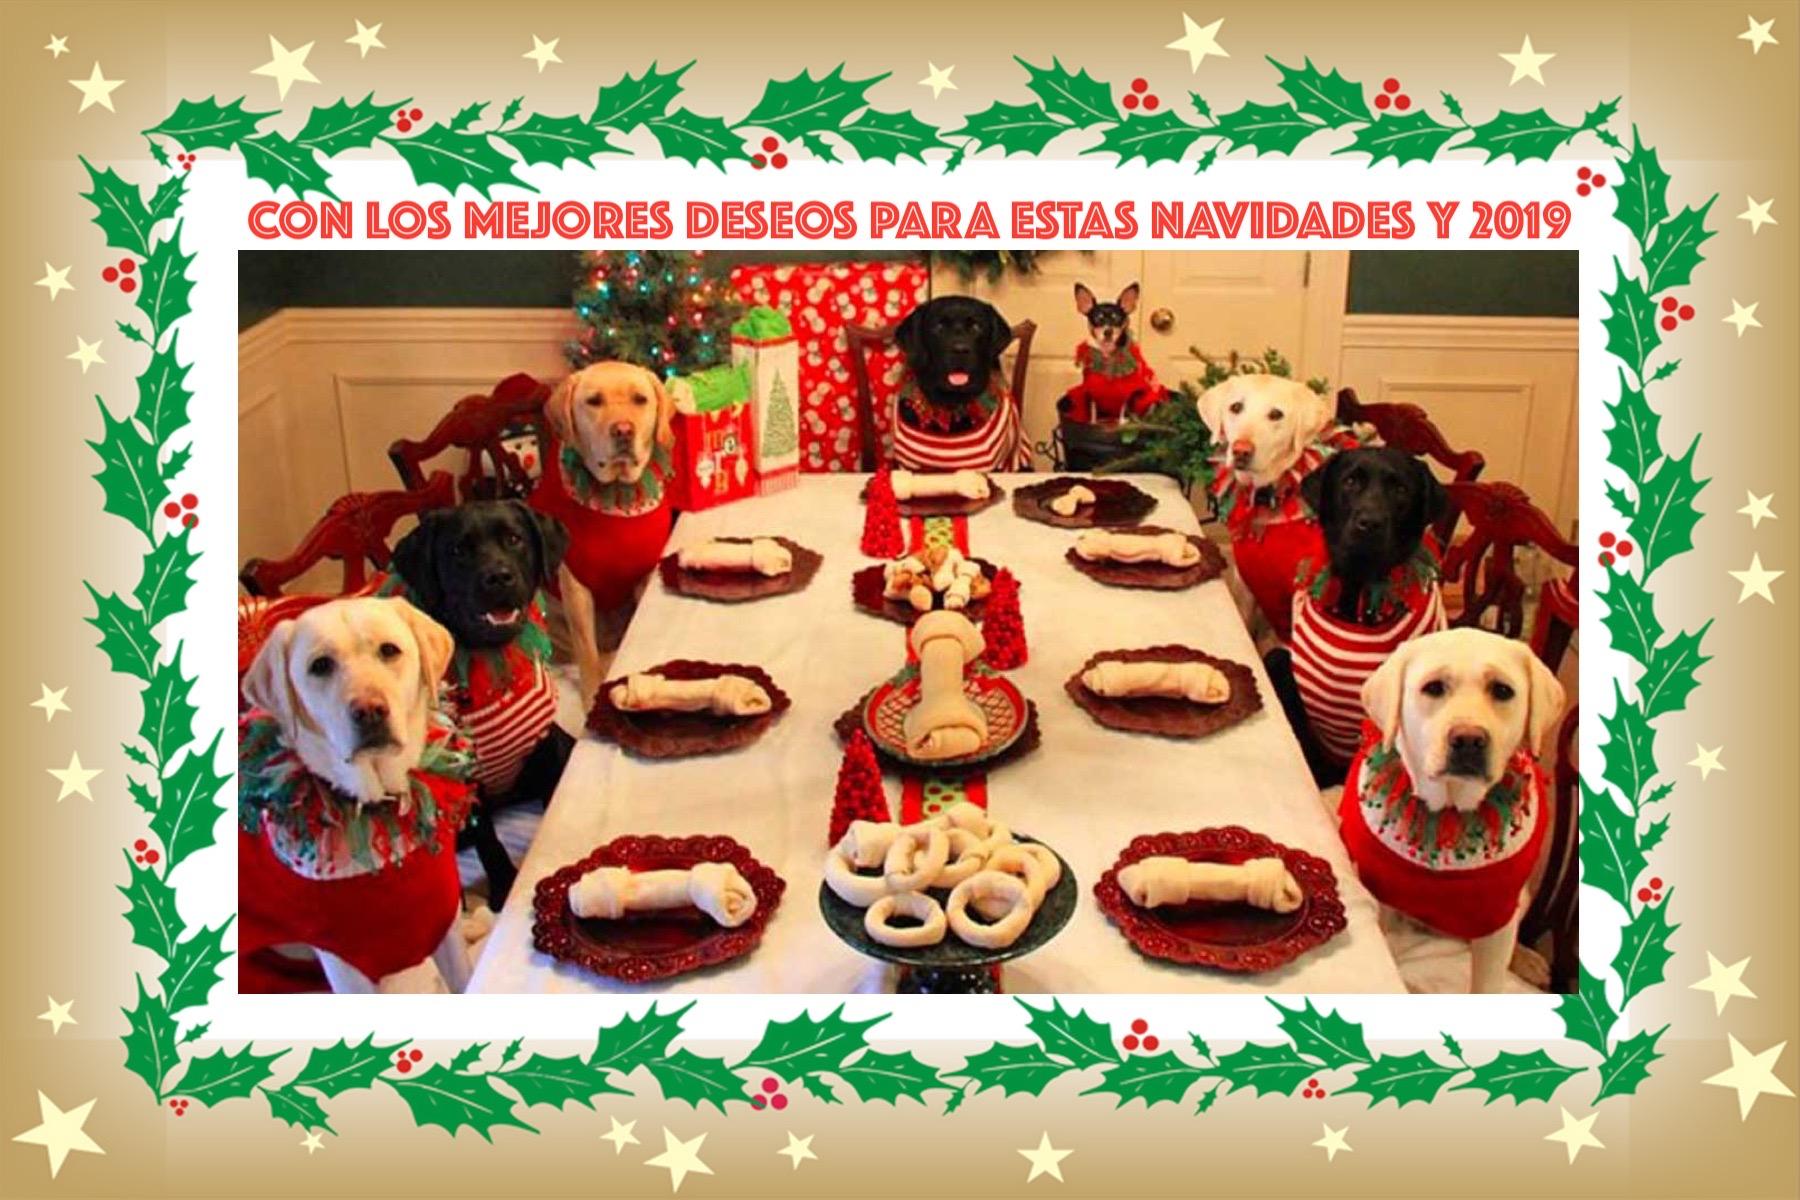 Felices Navidades 2018/2019